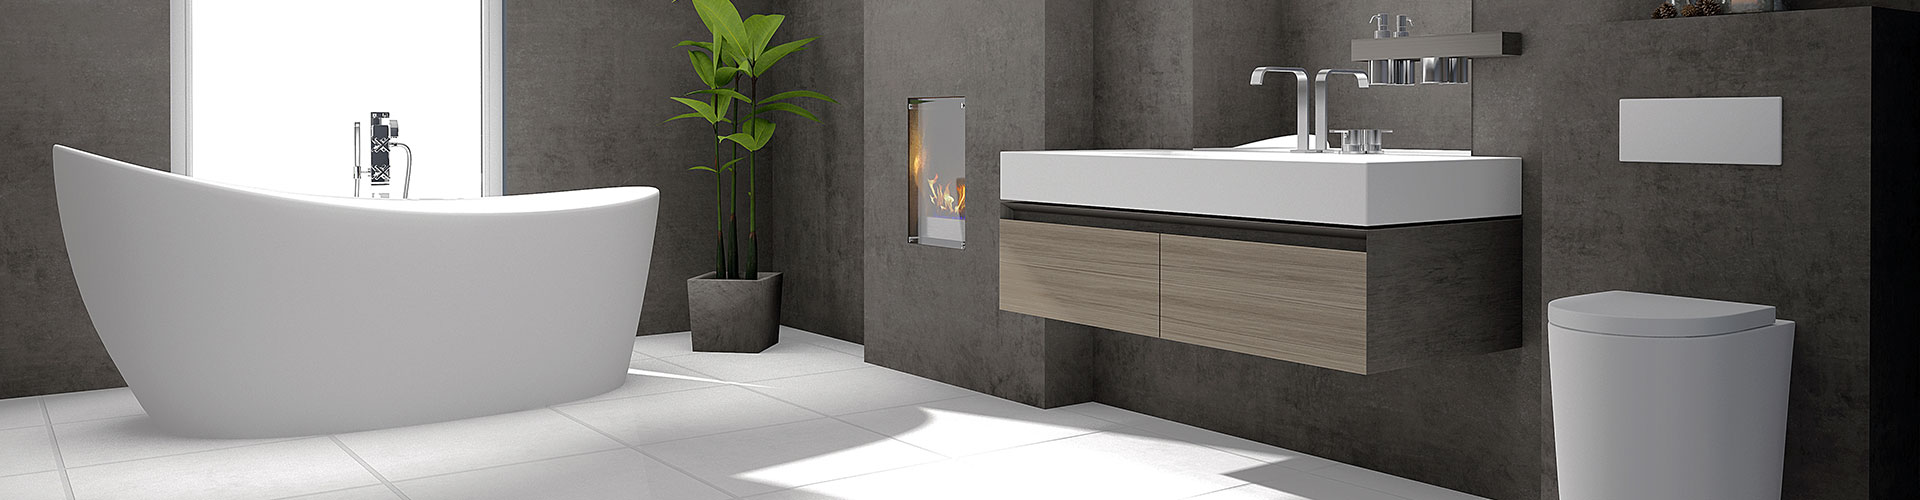 Dunkles Badezimmer in edler Optik mit Waschbecken und Badewanne